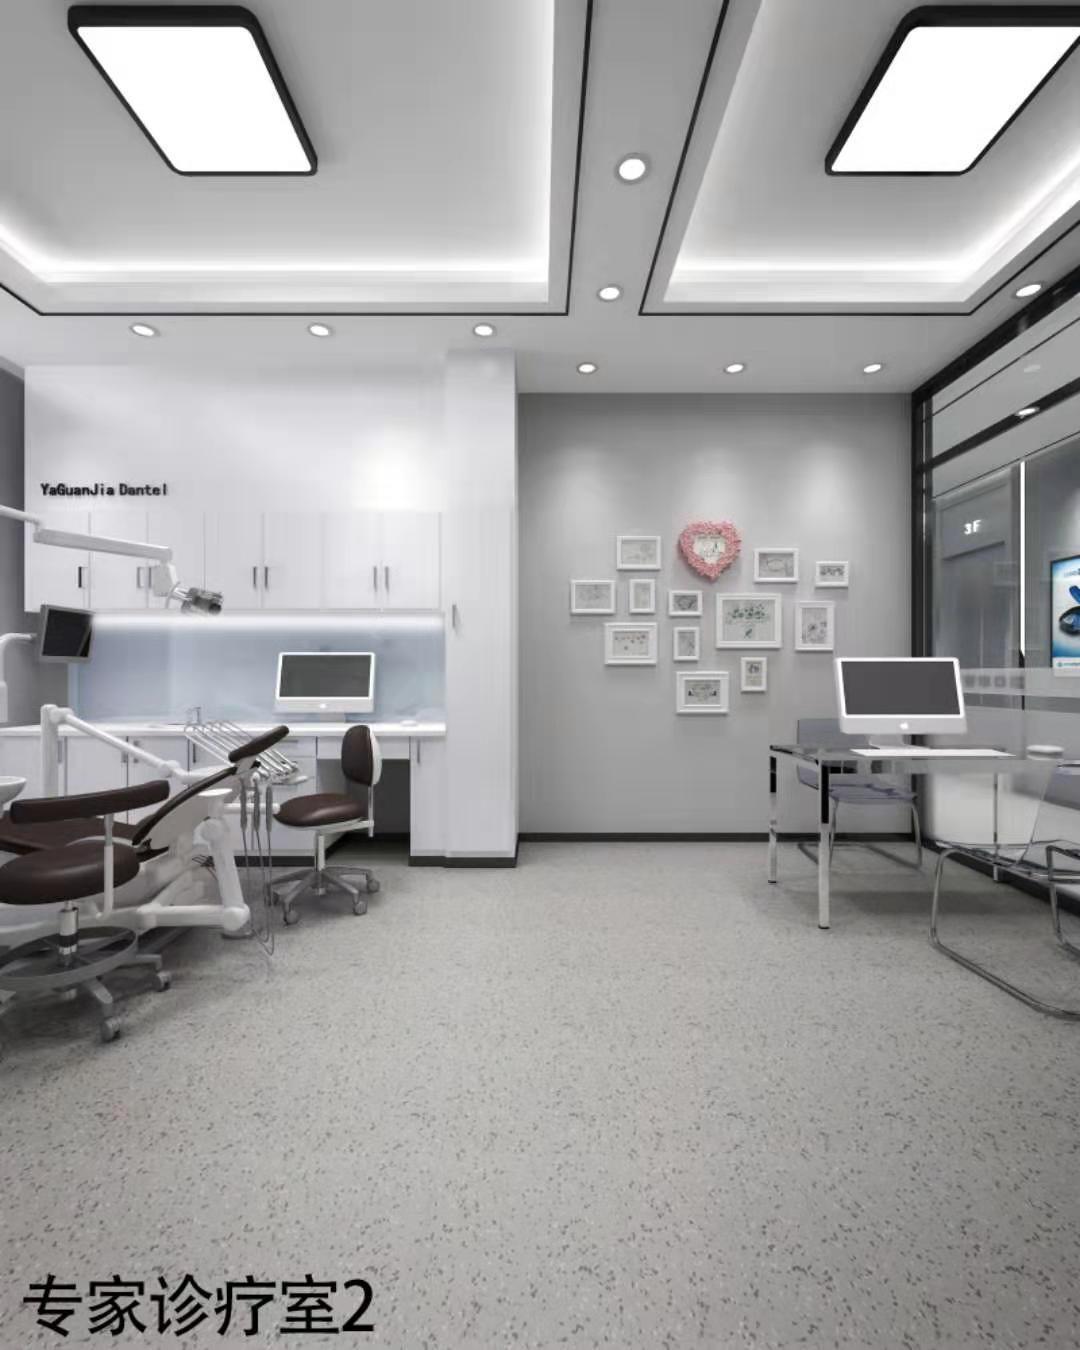 北京美年口腔专家诊疗室